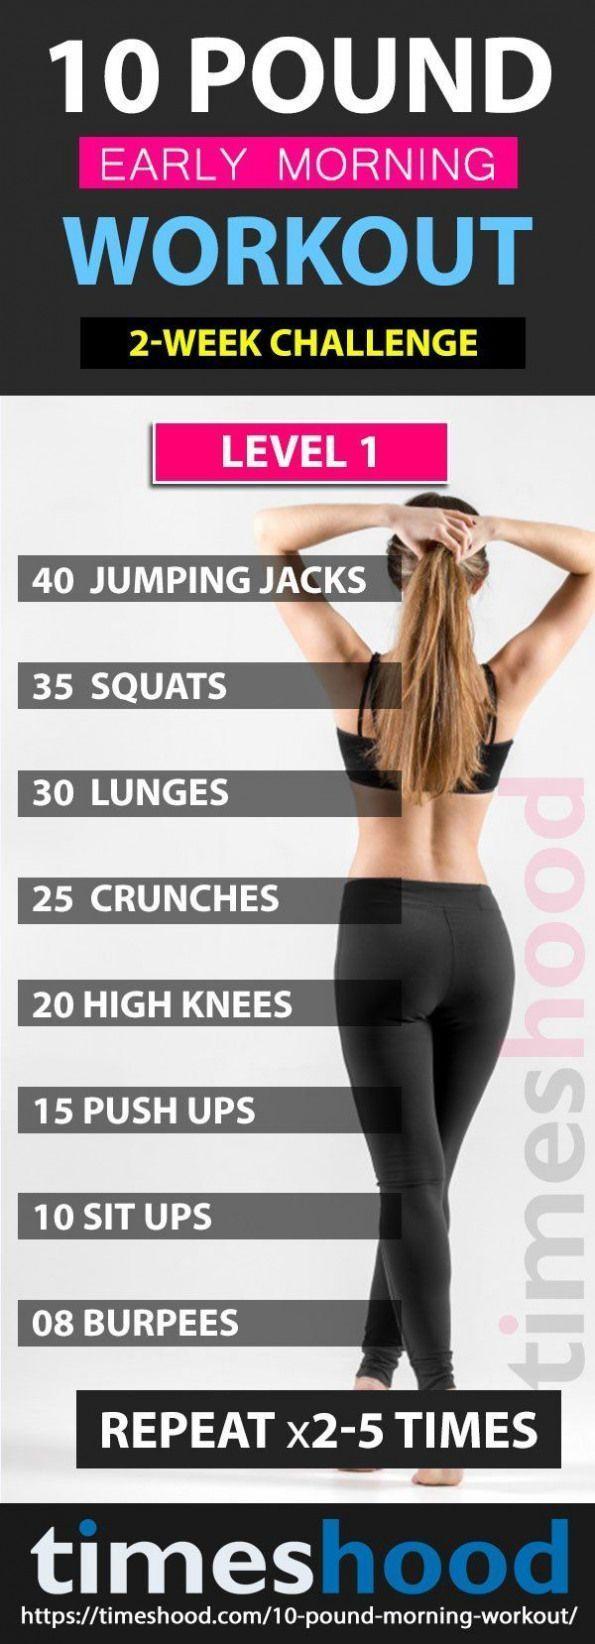 Photo of Verlieren Sie 10 Pfund in 3 Wochen mit diesem Übungsplan für frühm,  #diesem #dietplanbeginne…